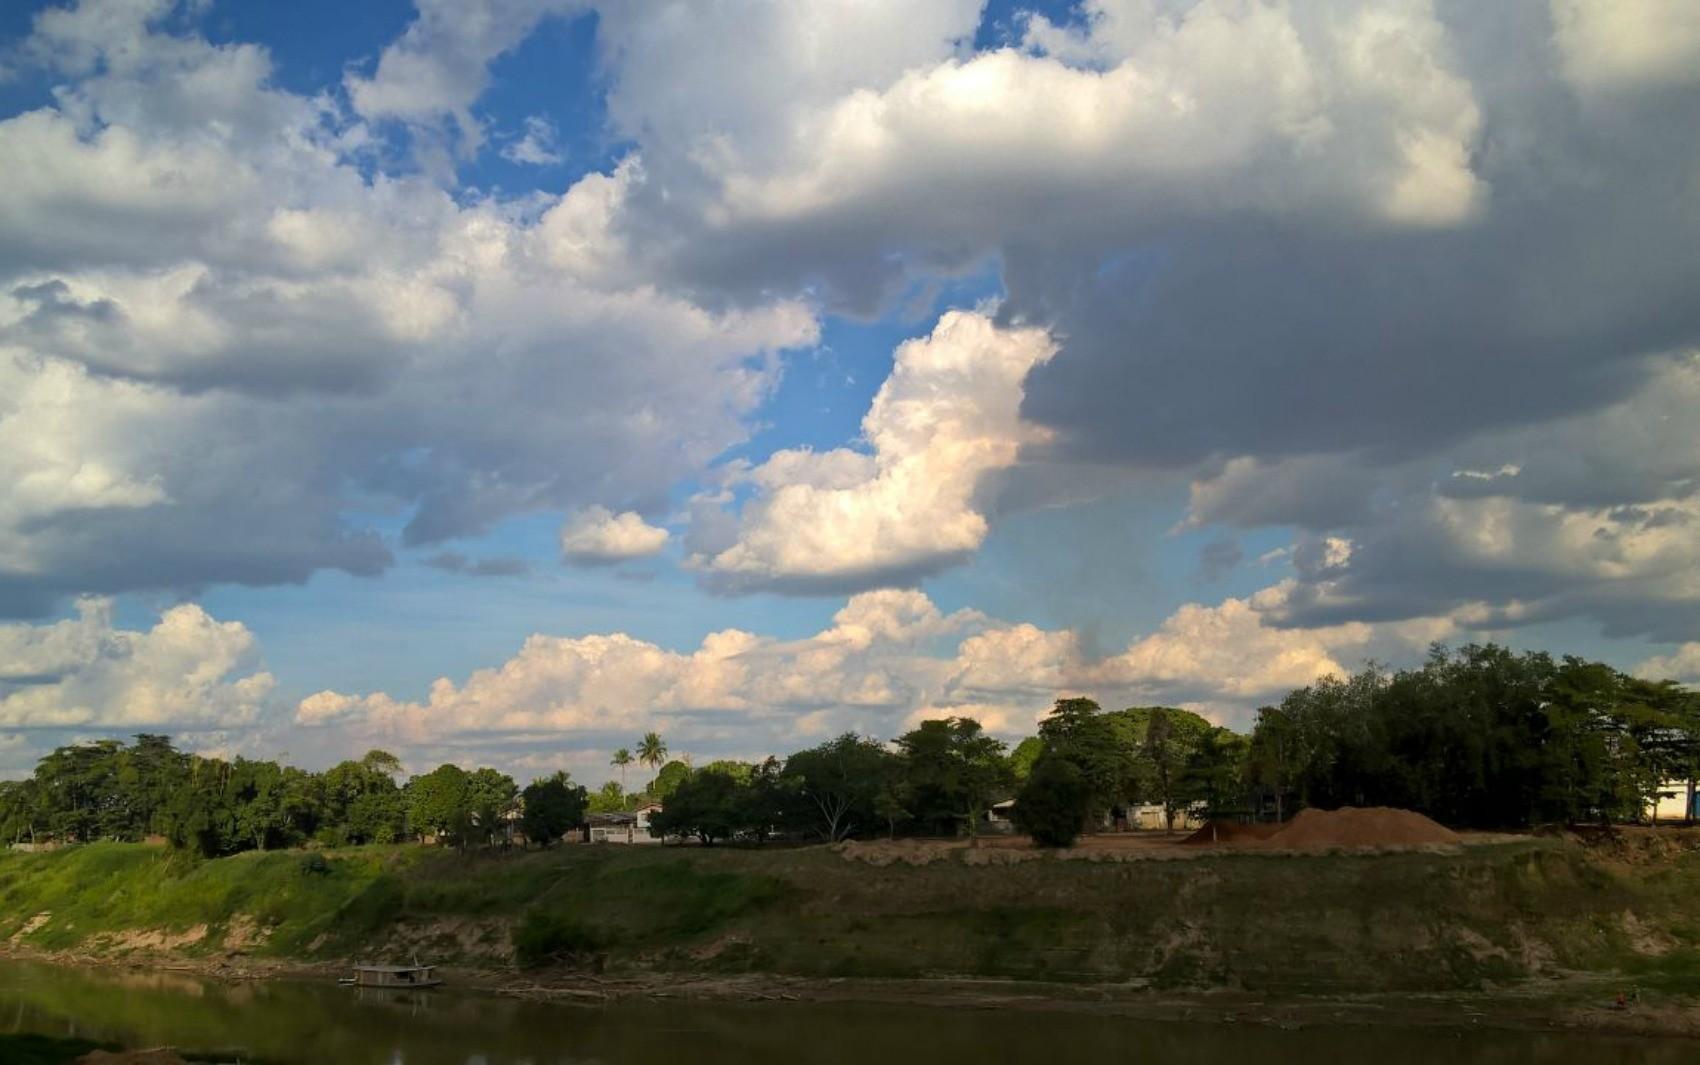 Tempo fica instável no Acre nesta segunda-feira (26) com sol entre nuvens, prevê Sipam